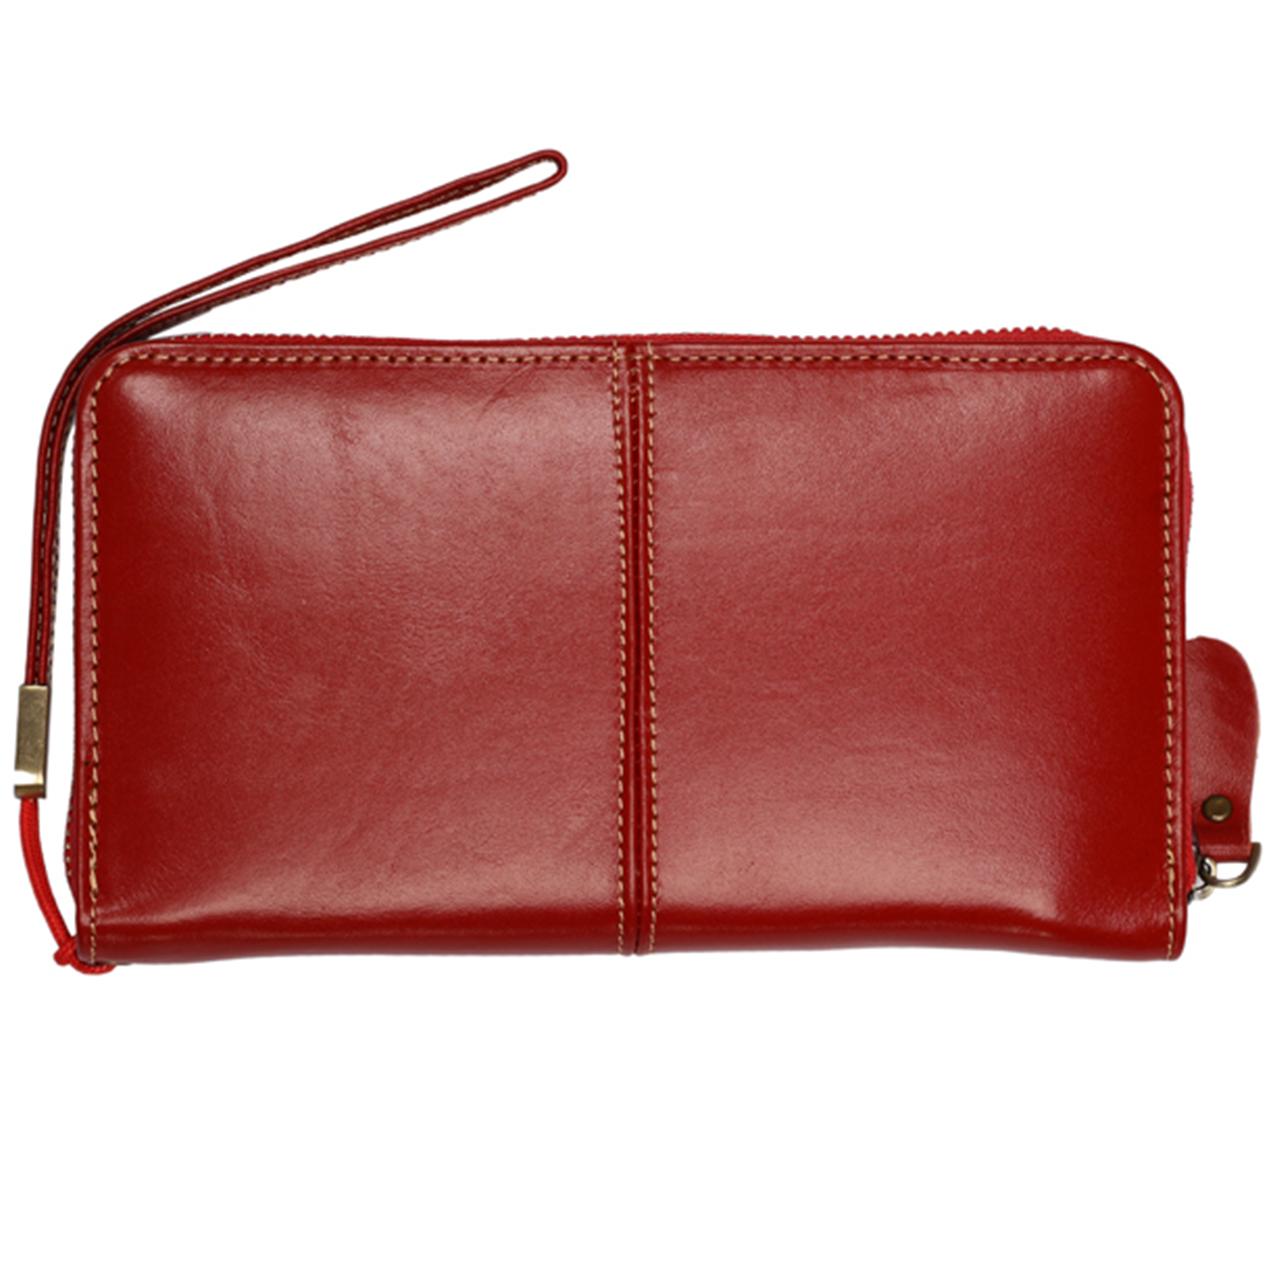 قیمت کیف پول زنانه رویال چرم مدل دور زیپ کدW27-Red